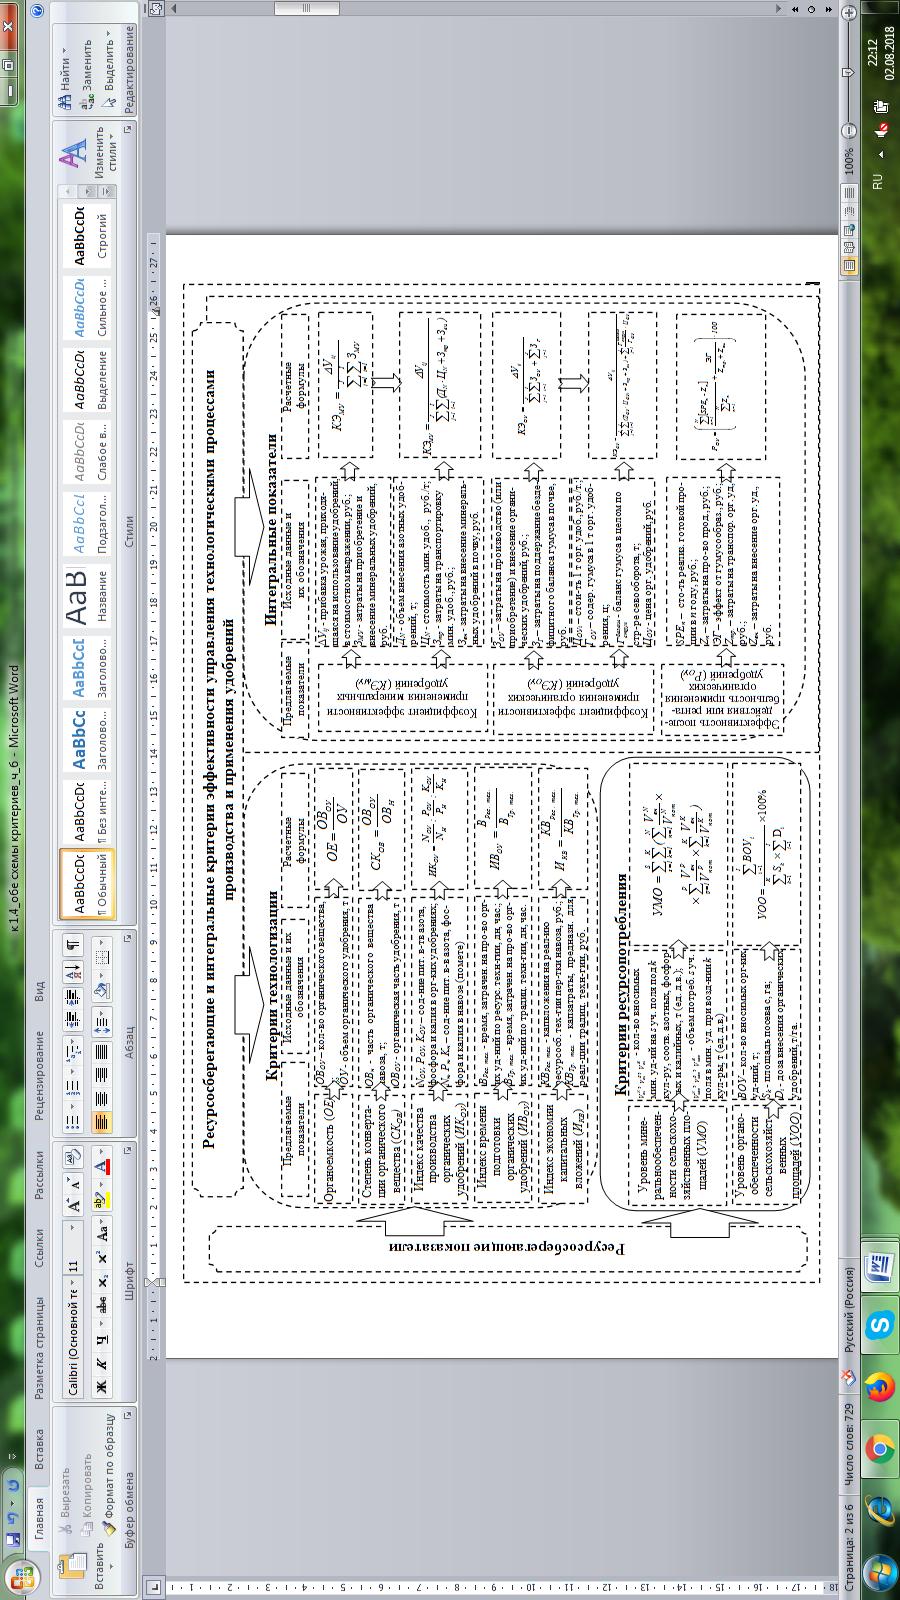 word image 862 Создание региональной модели органического сельского земледелия с целью повышения плодородия почвы, сохранения земель сельскохозяйственного назначения и получения экономически чистой продукции применительно к условиям Юга России